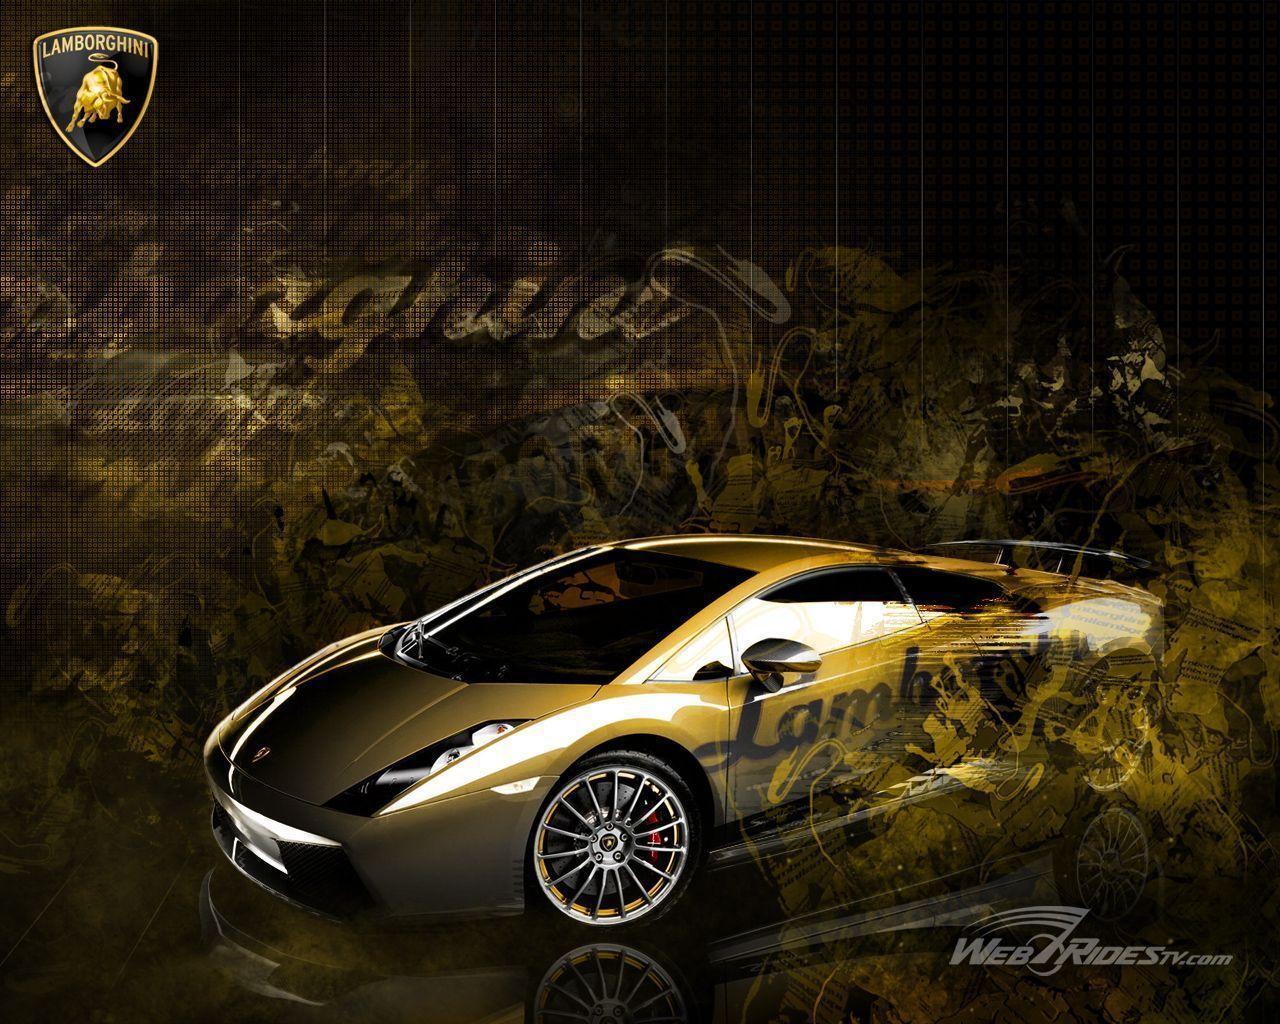 Wallpapers For > Cool Lamborghini Wallpapers